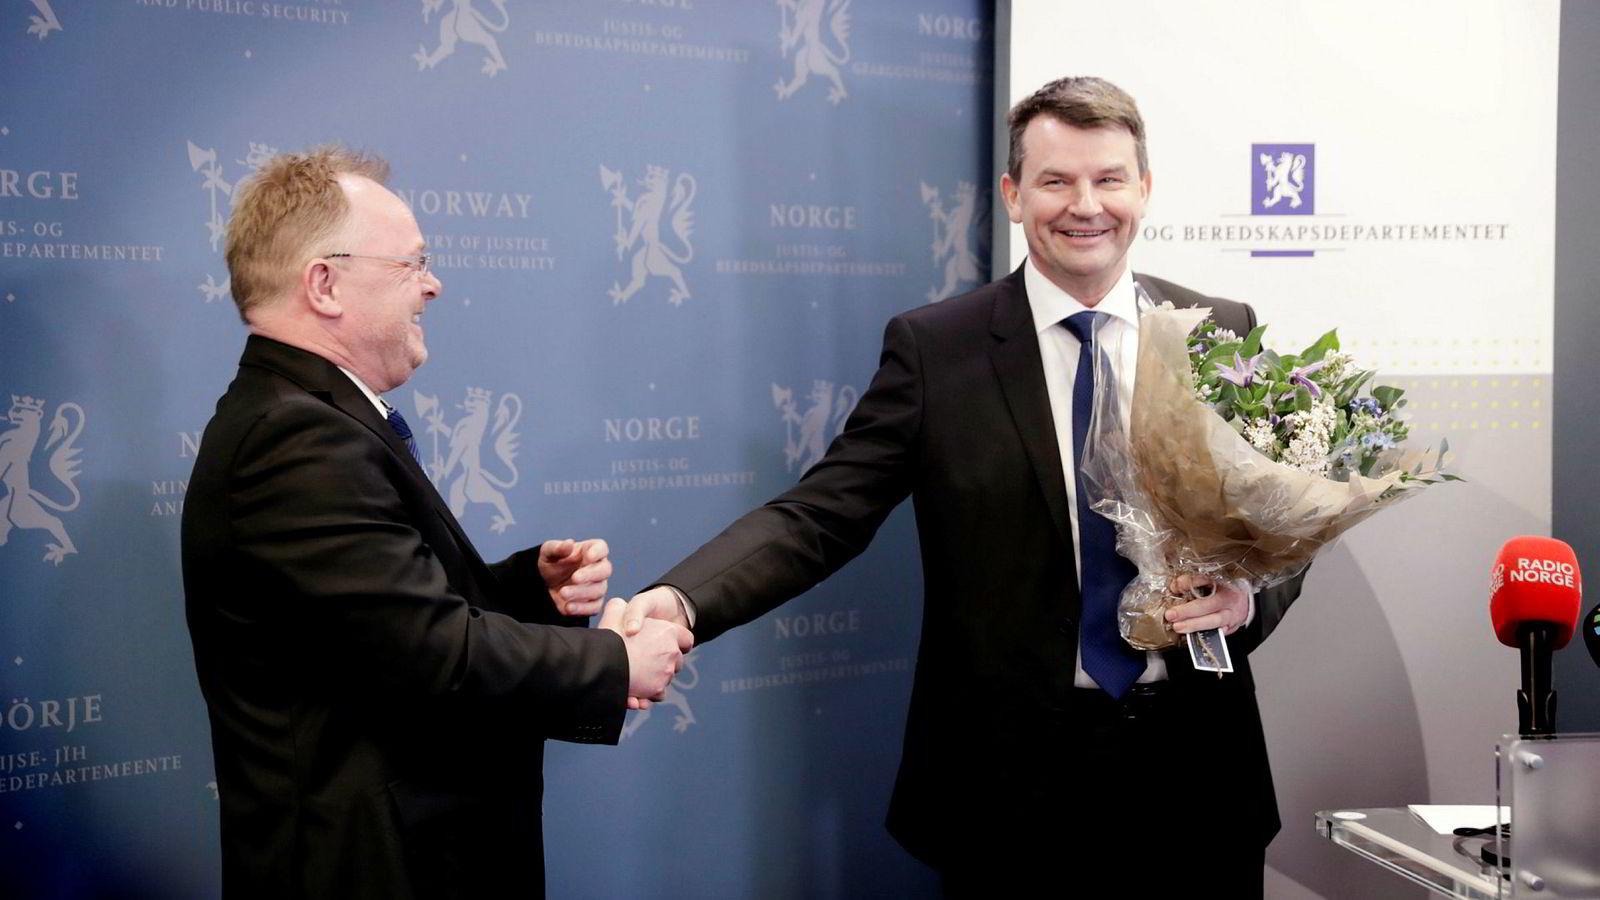 Ok, han er god til å kommunisere, men klarer han å styre Politidirektoratet? Tor Mikkel Wara gikk onsdag fra First House til Justisdepartementet, der han overtok etter justisministervikar Per Sandberg (til venstre).